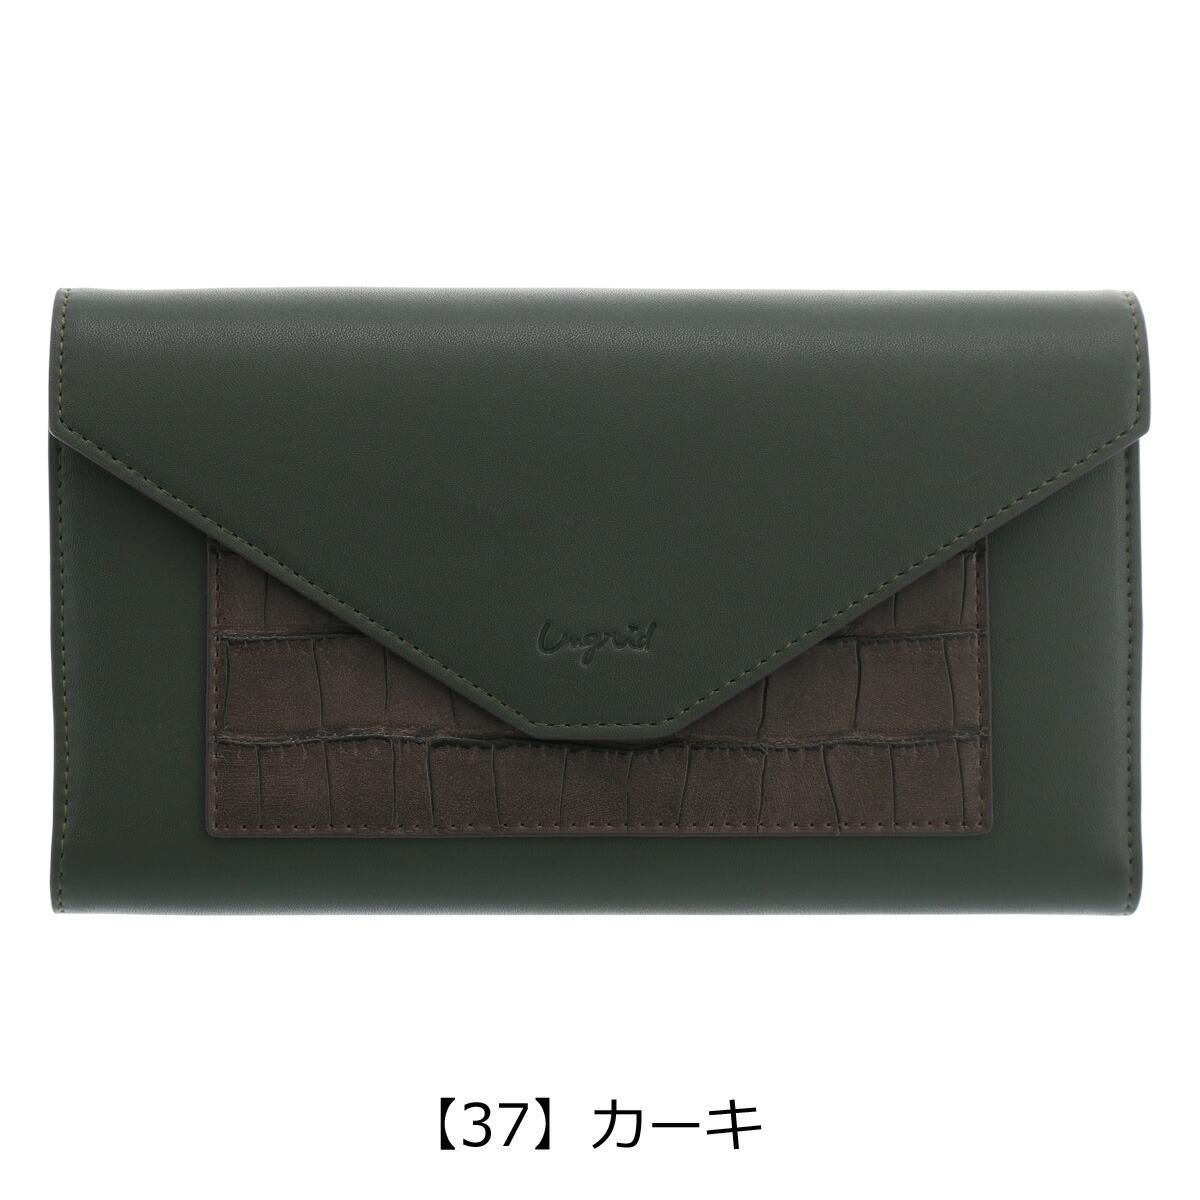 【37】カーキ